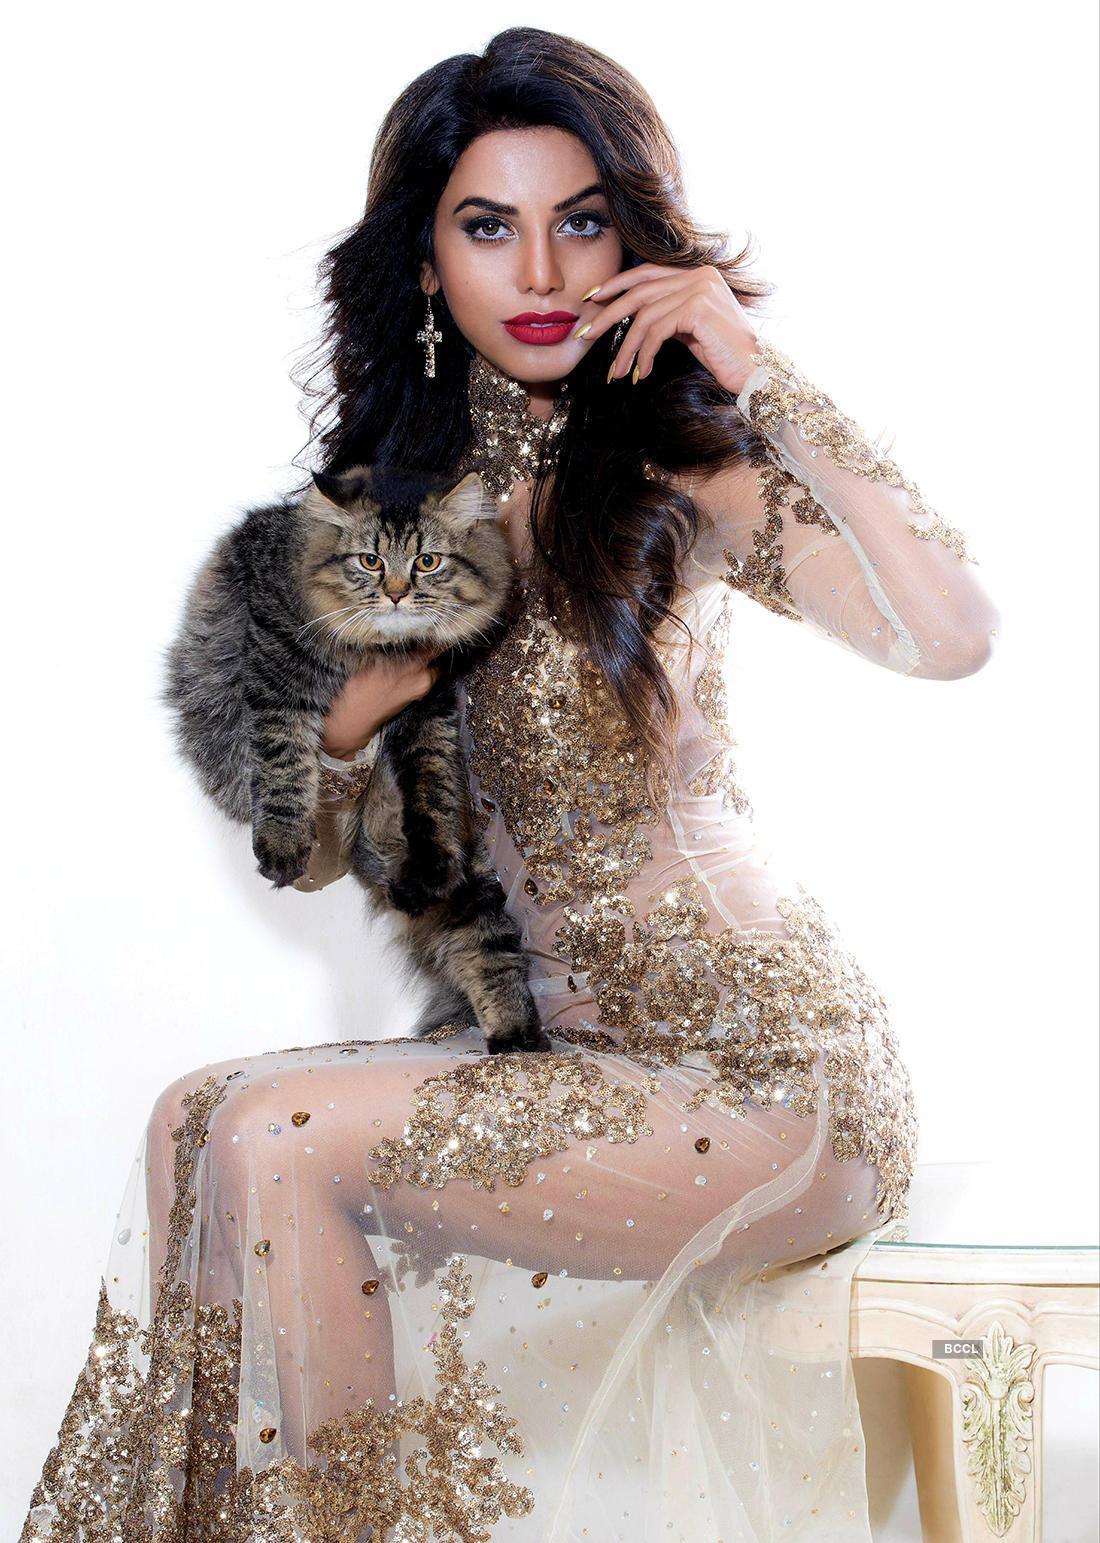 Latest photoshoots of former Femina Miss India World Natasha Suri will make you go 'Wow'